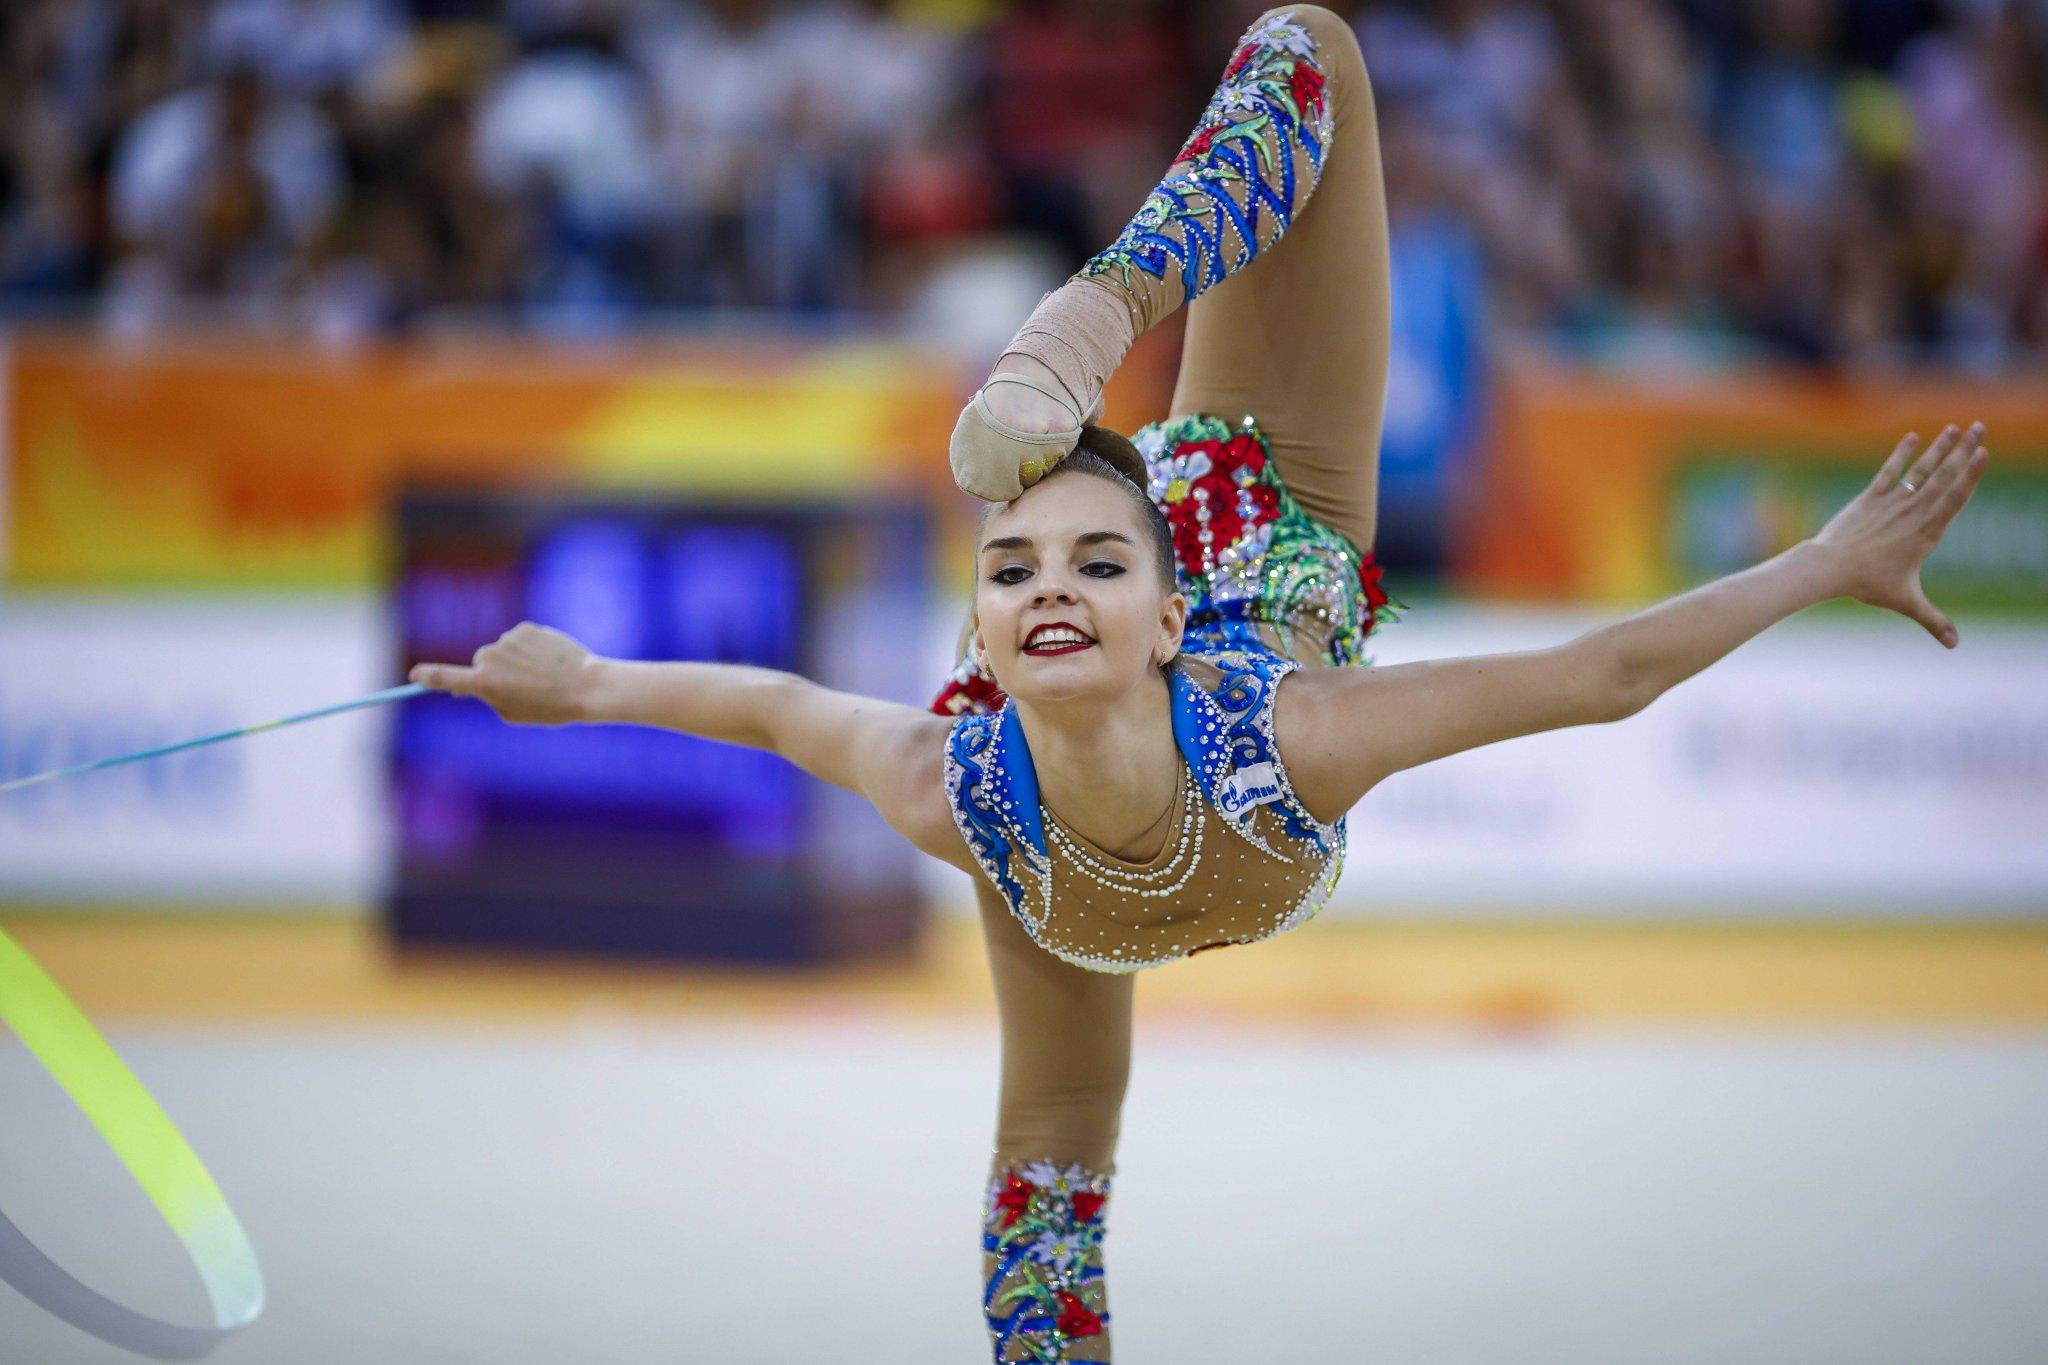 фото гимнасток россии по художественной гимнастике вас идеальная кожа